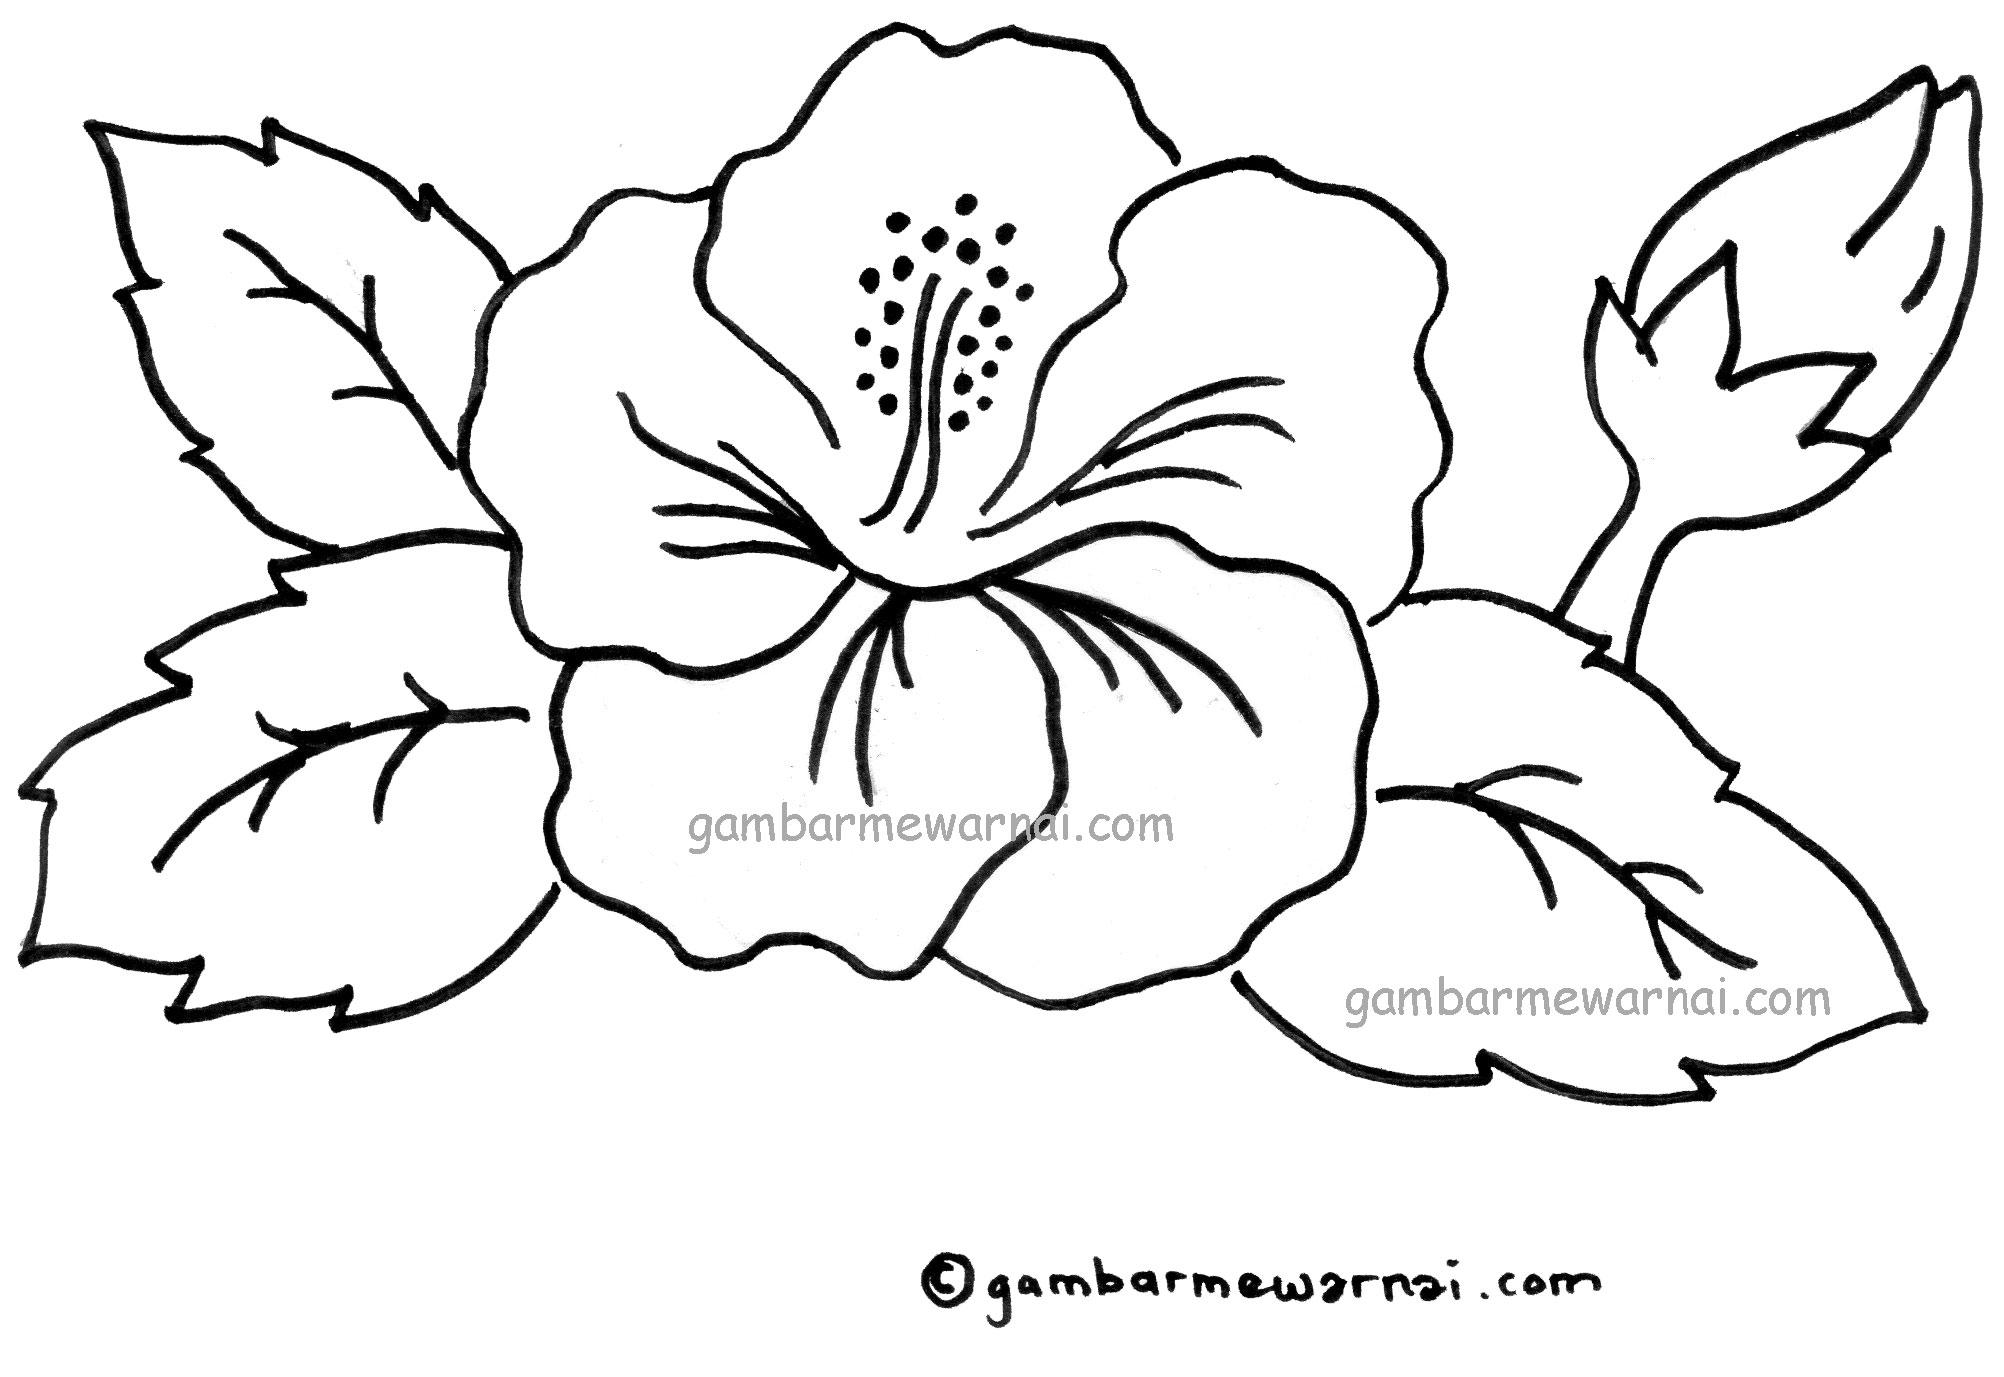 download gambar mewarnai bunga kembanga sepatu